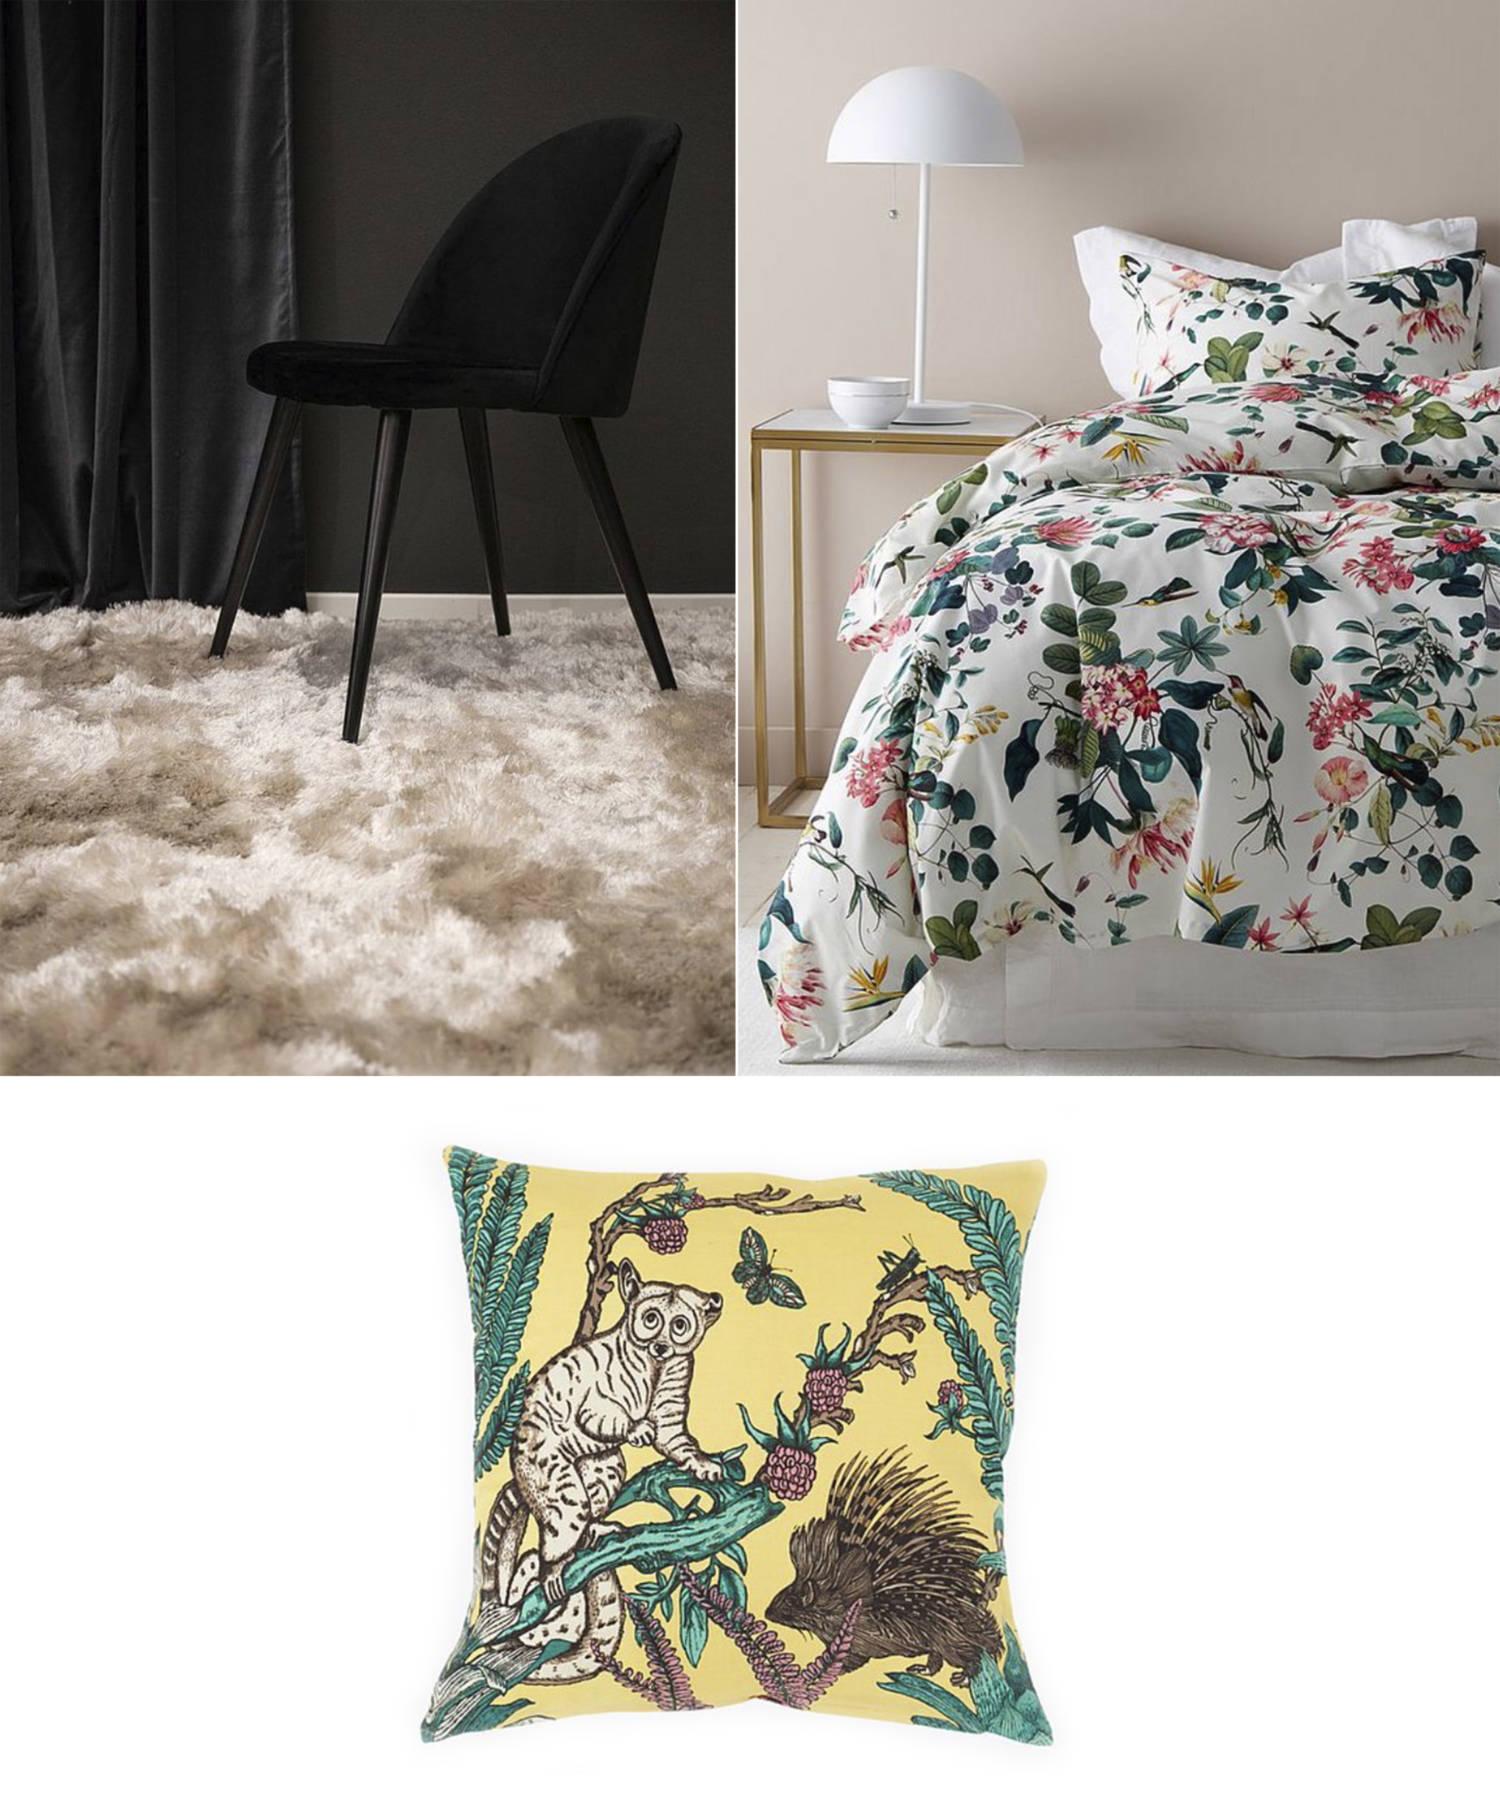 Uutta ilmettä kotiin tekstiileillä ja valaisimilla